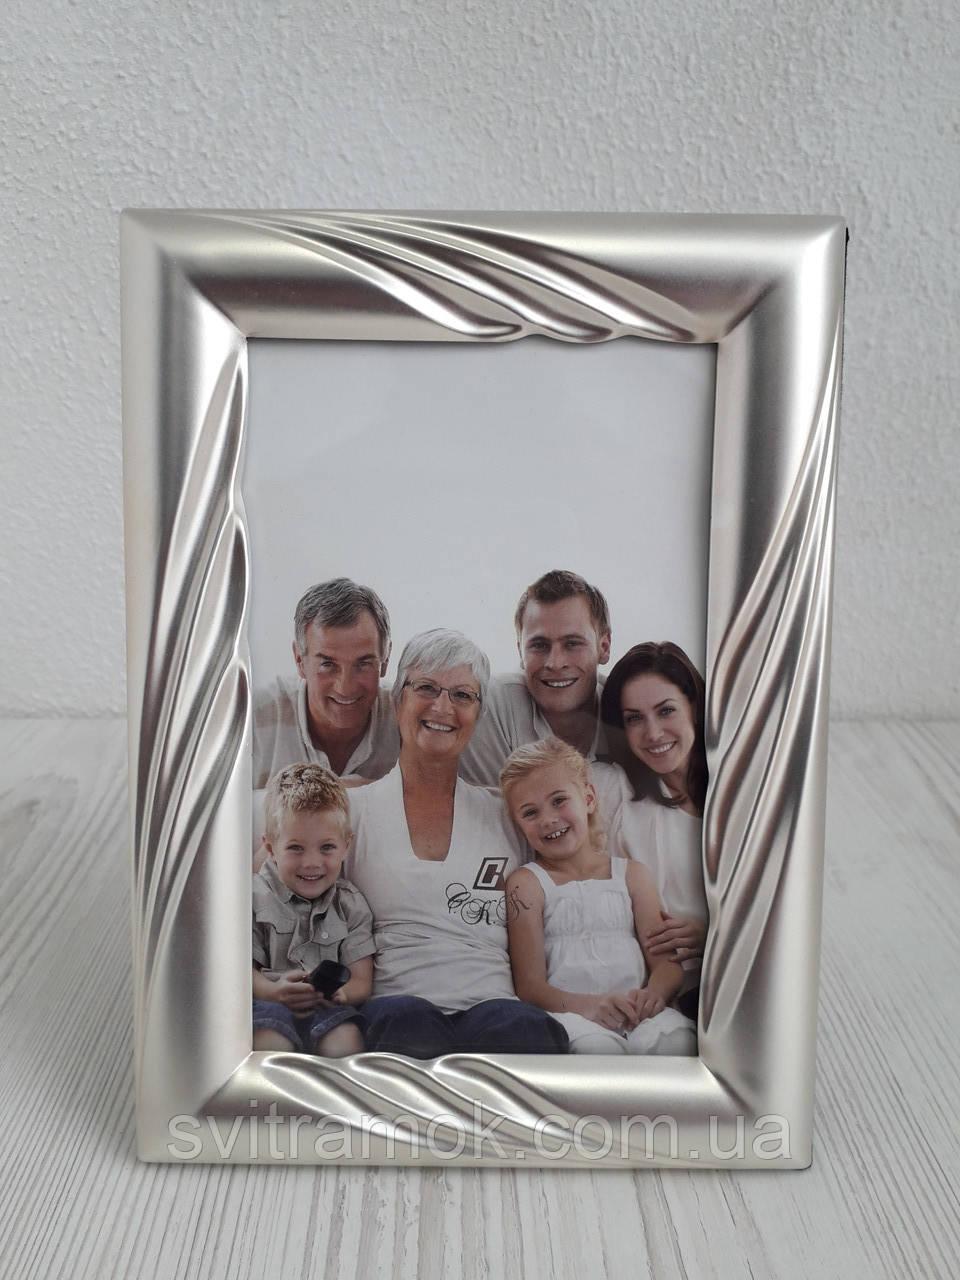 Сімейні фоторамка з металу 10х15 см